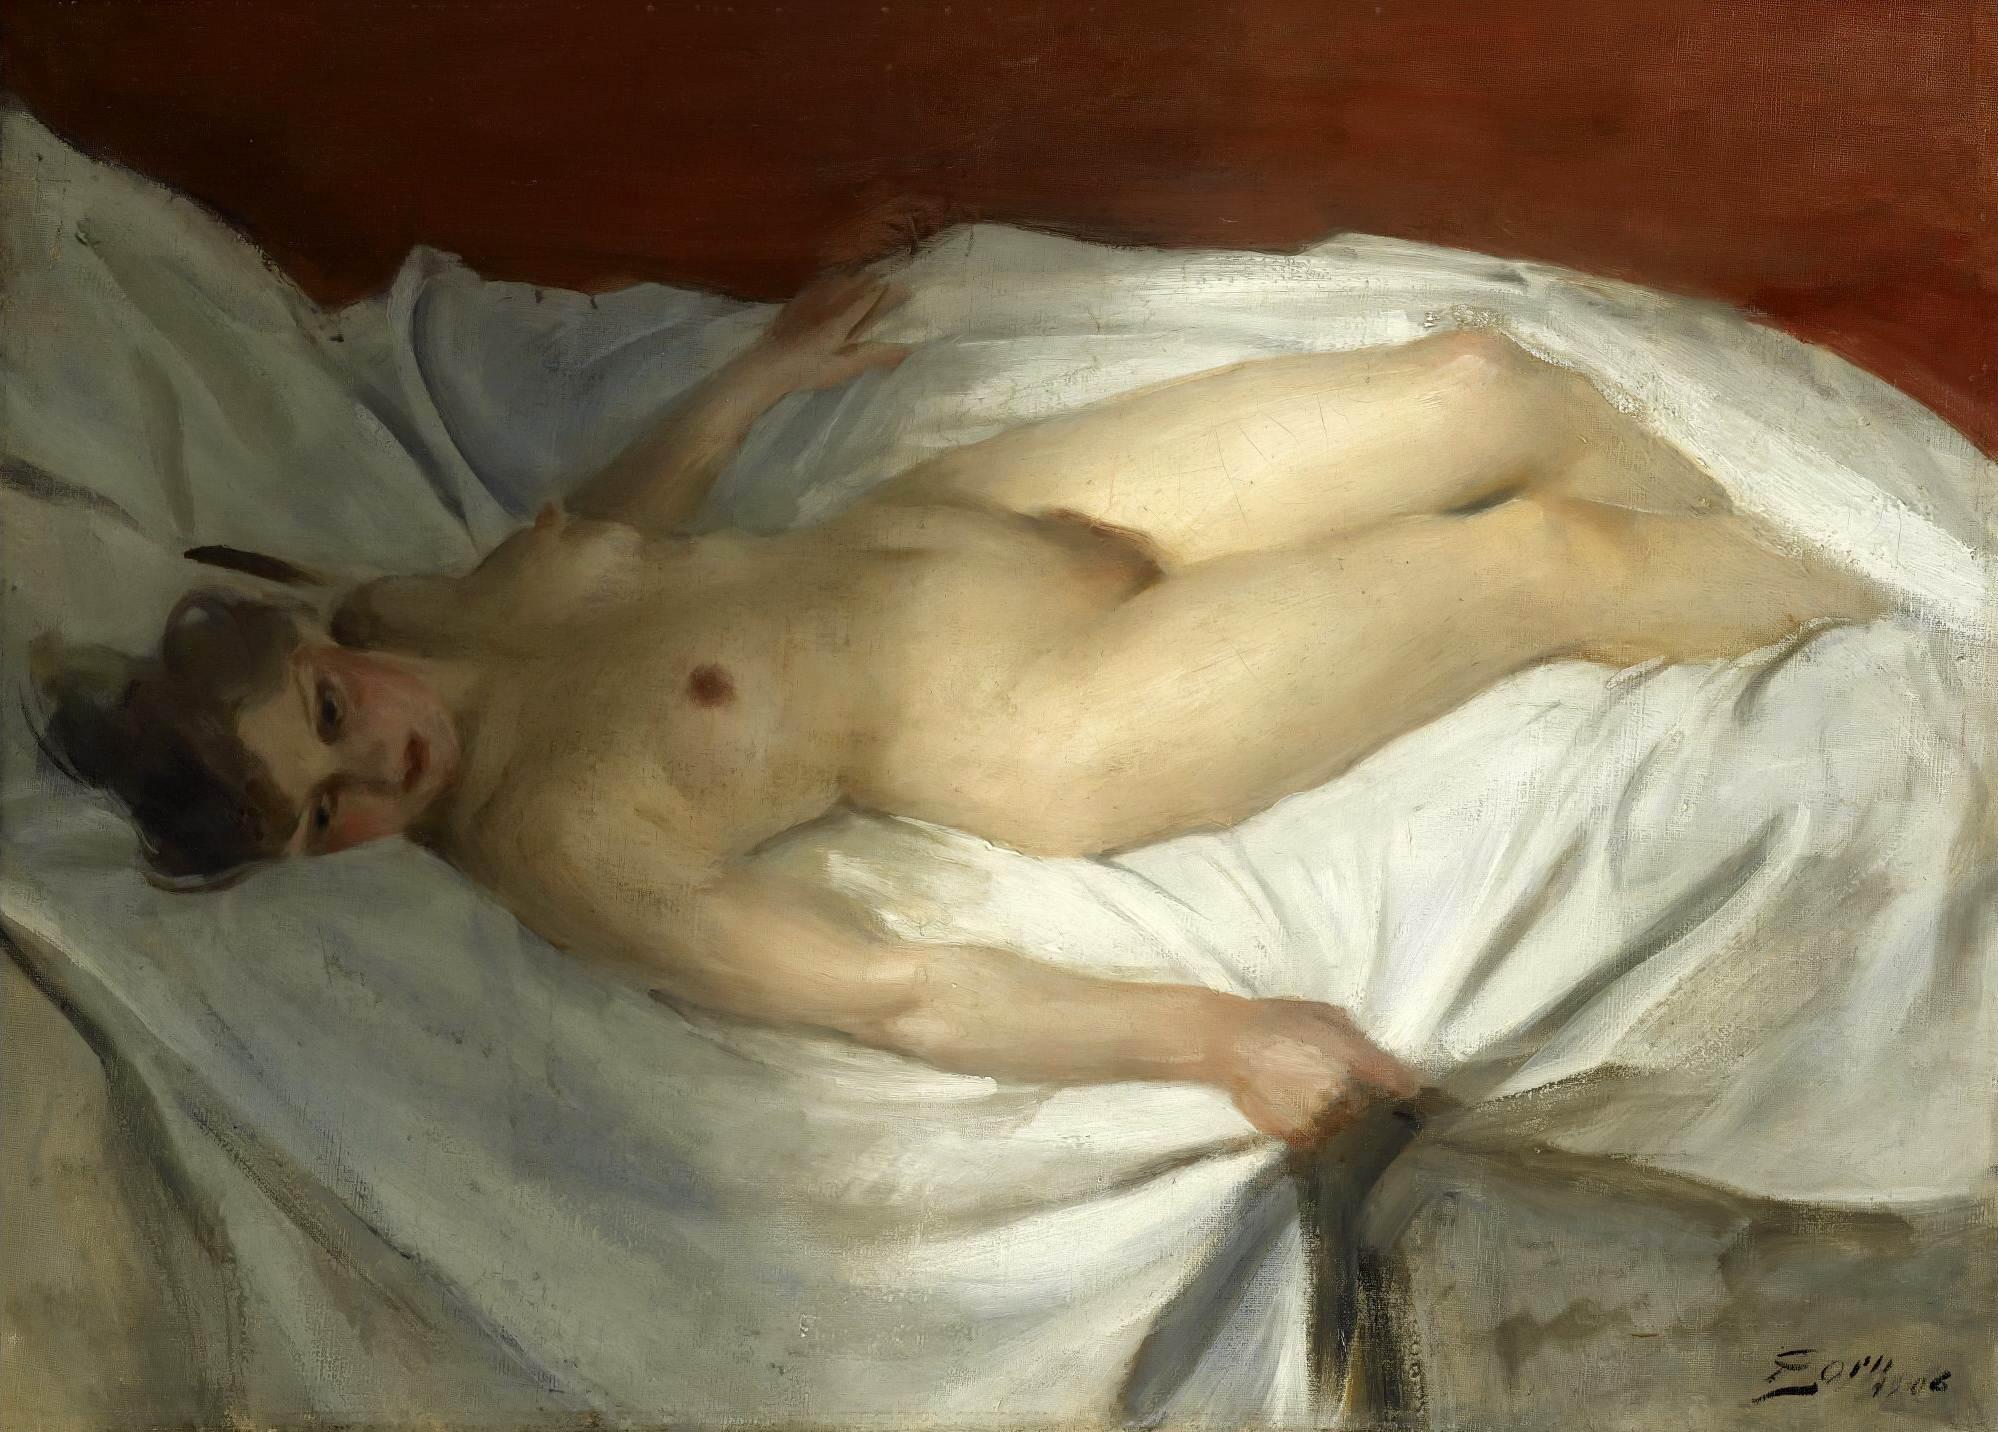 Anders Leonard Zorn. 1860-1920. Пробуждение. 1906, 54 х 73 см. Частная коллекция